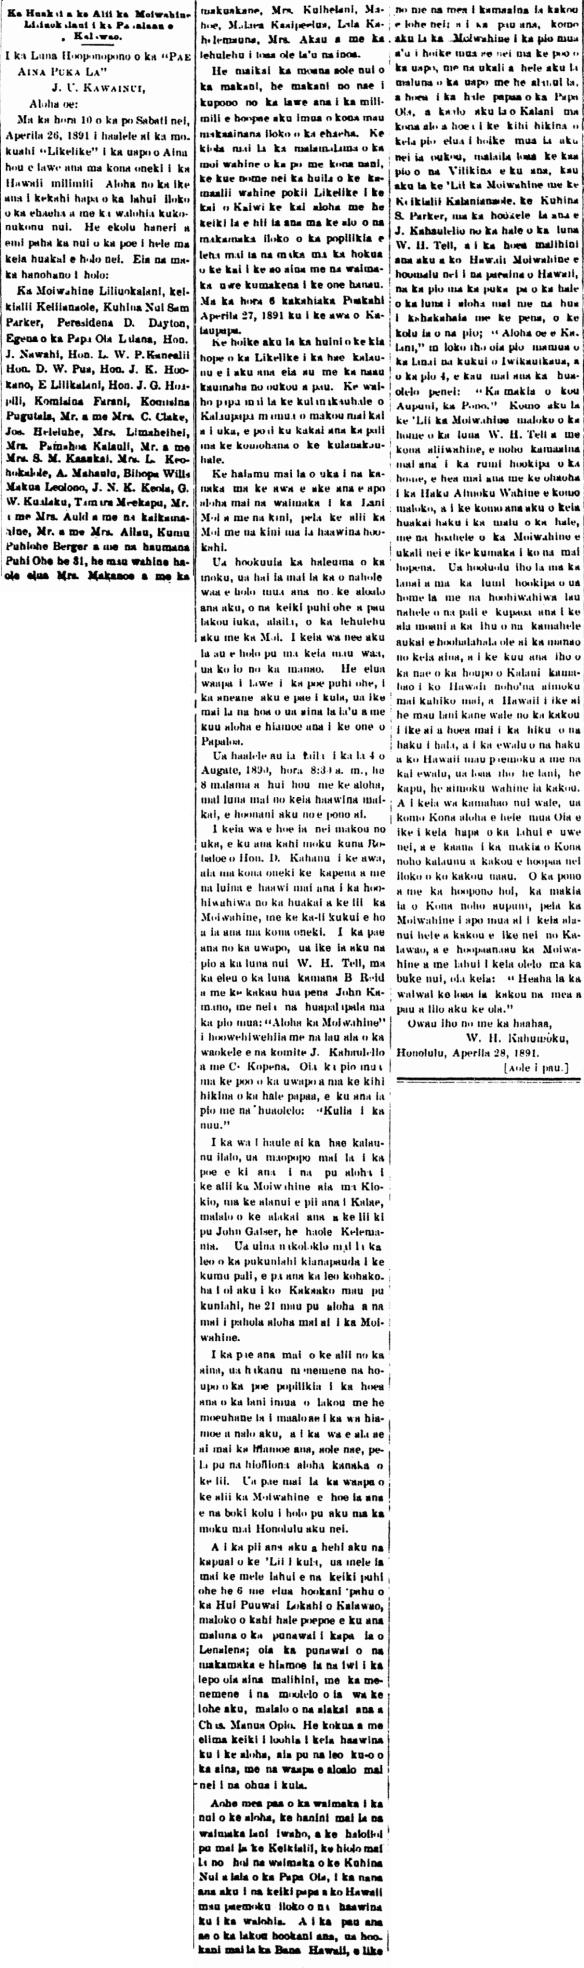 Ka Huakai a ke Alii ka Moiwahine Liliuokalani i ka Panalaau o Kalawao.